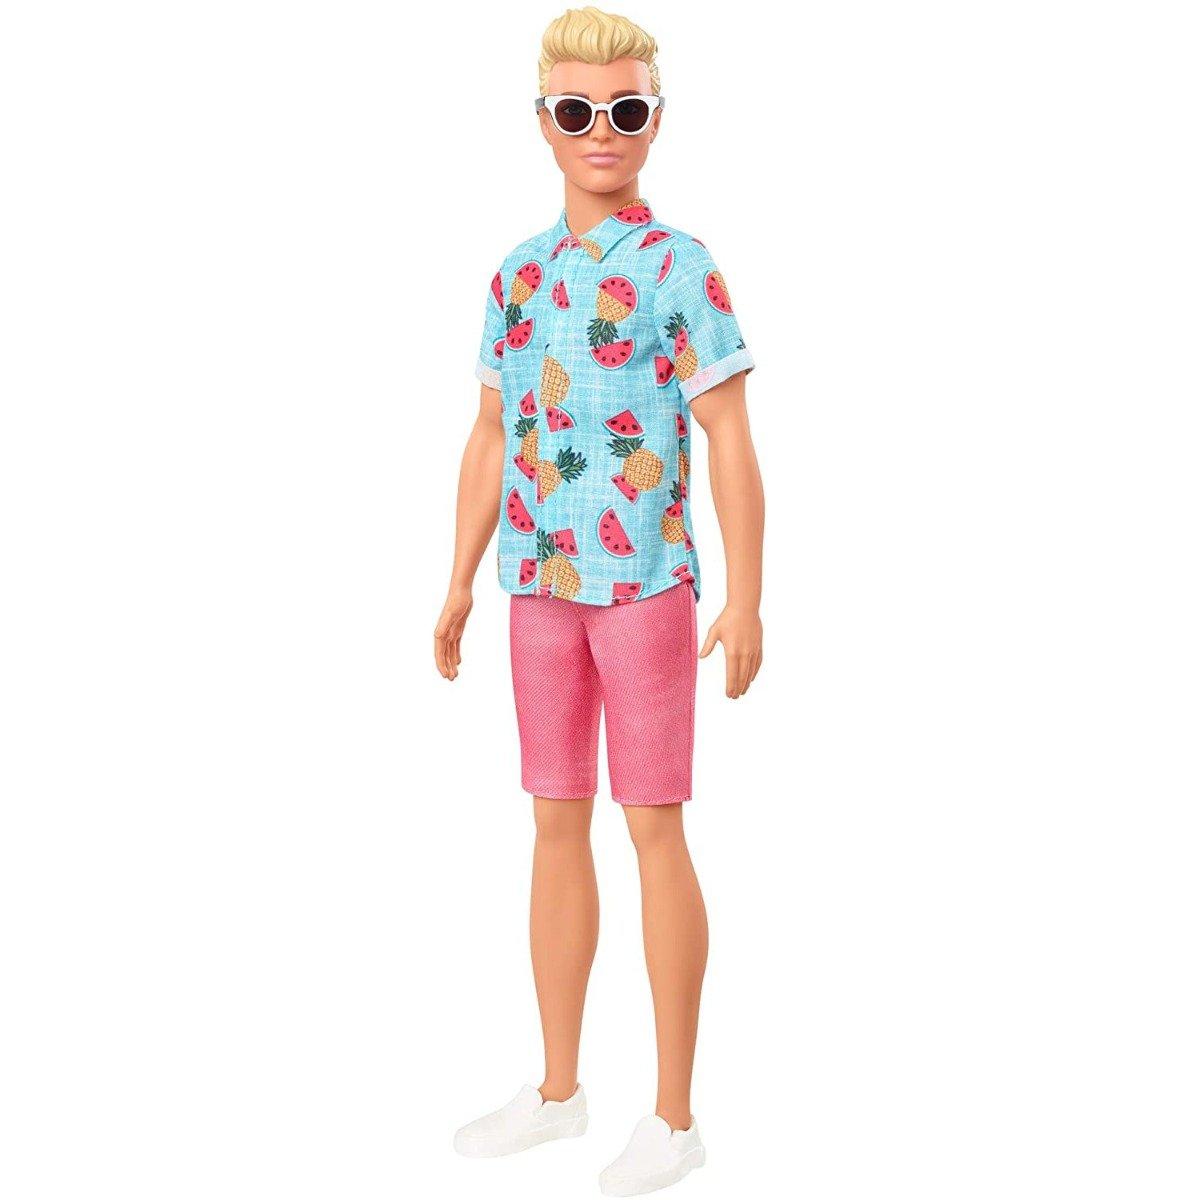 Papusa Barbie Fashionistas, Ken GHW68